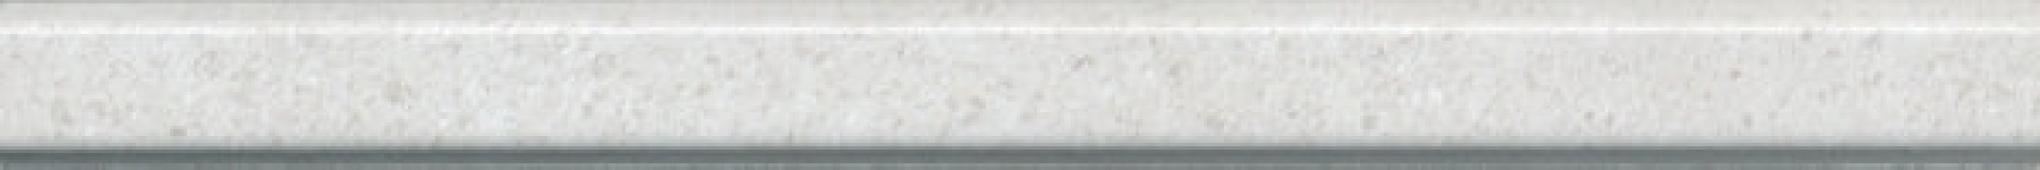 PFH003R Карандаш Безана серый светлый обрезной 25*2 бордюр